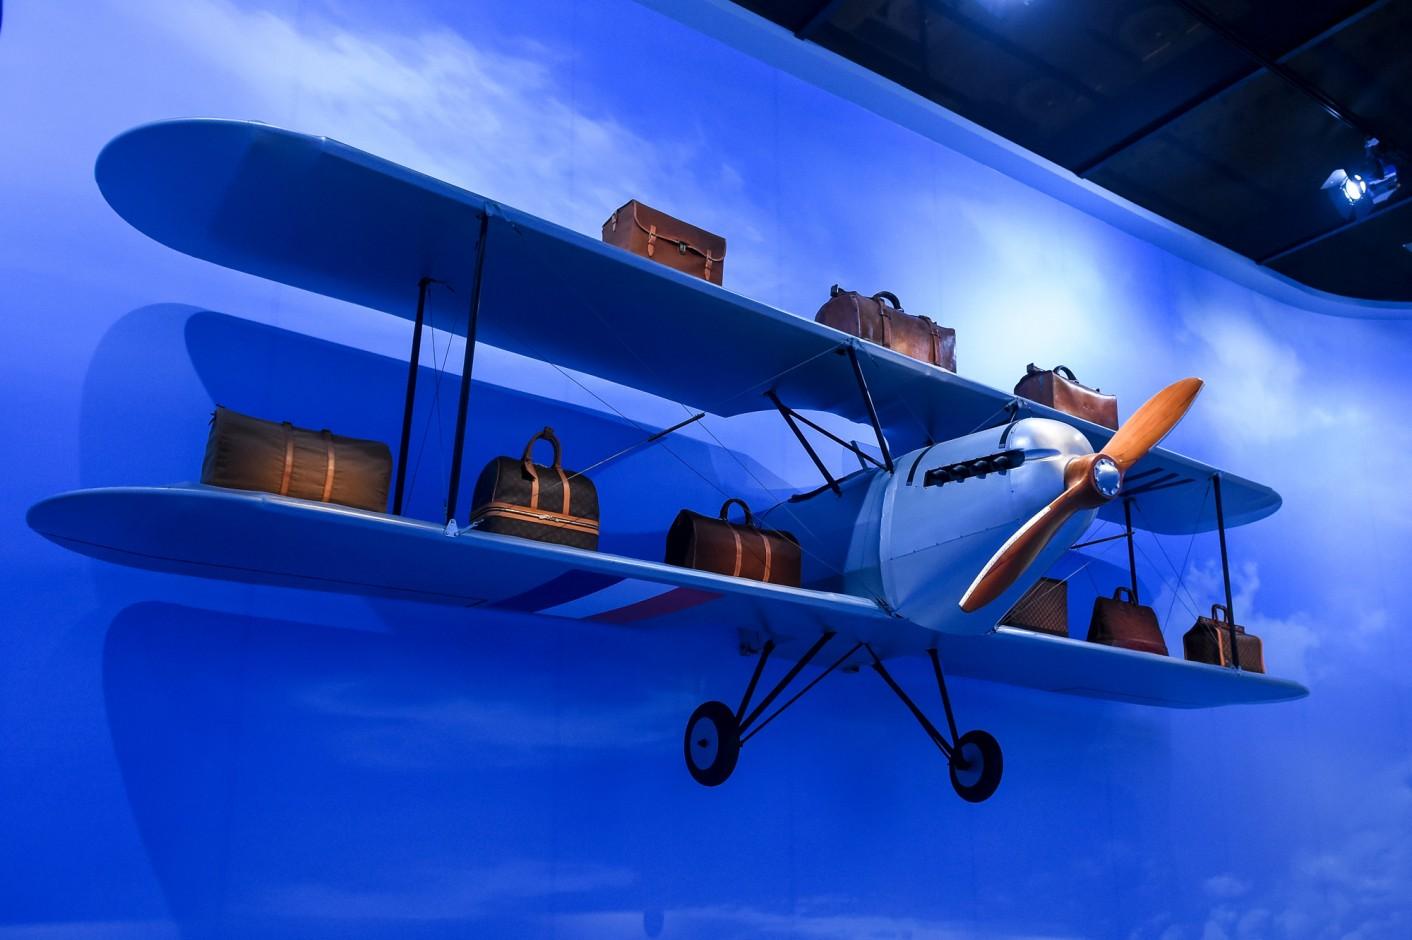 louis-vuitton-volez-voguez-voyagez-exhibition-new-york-5